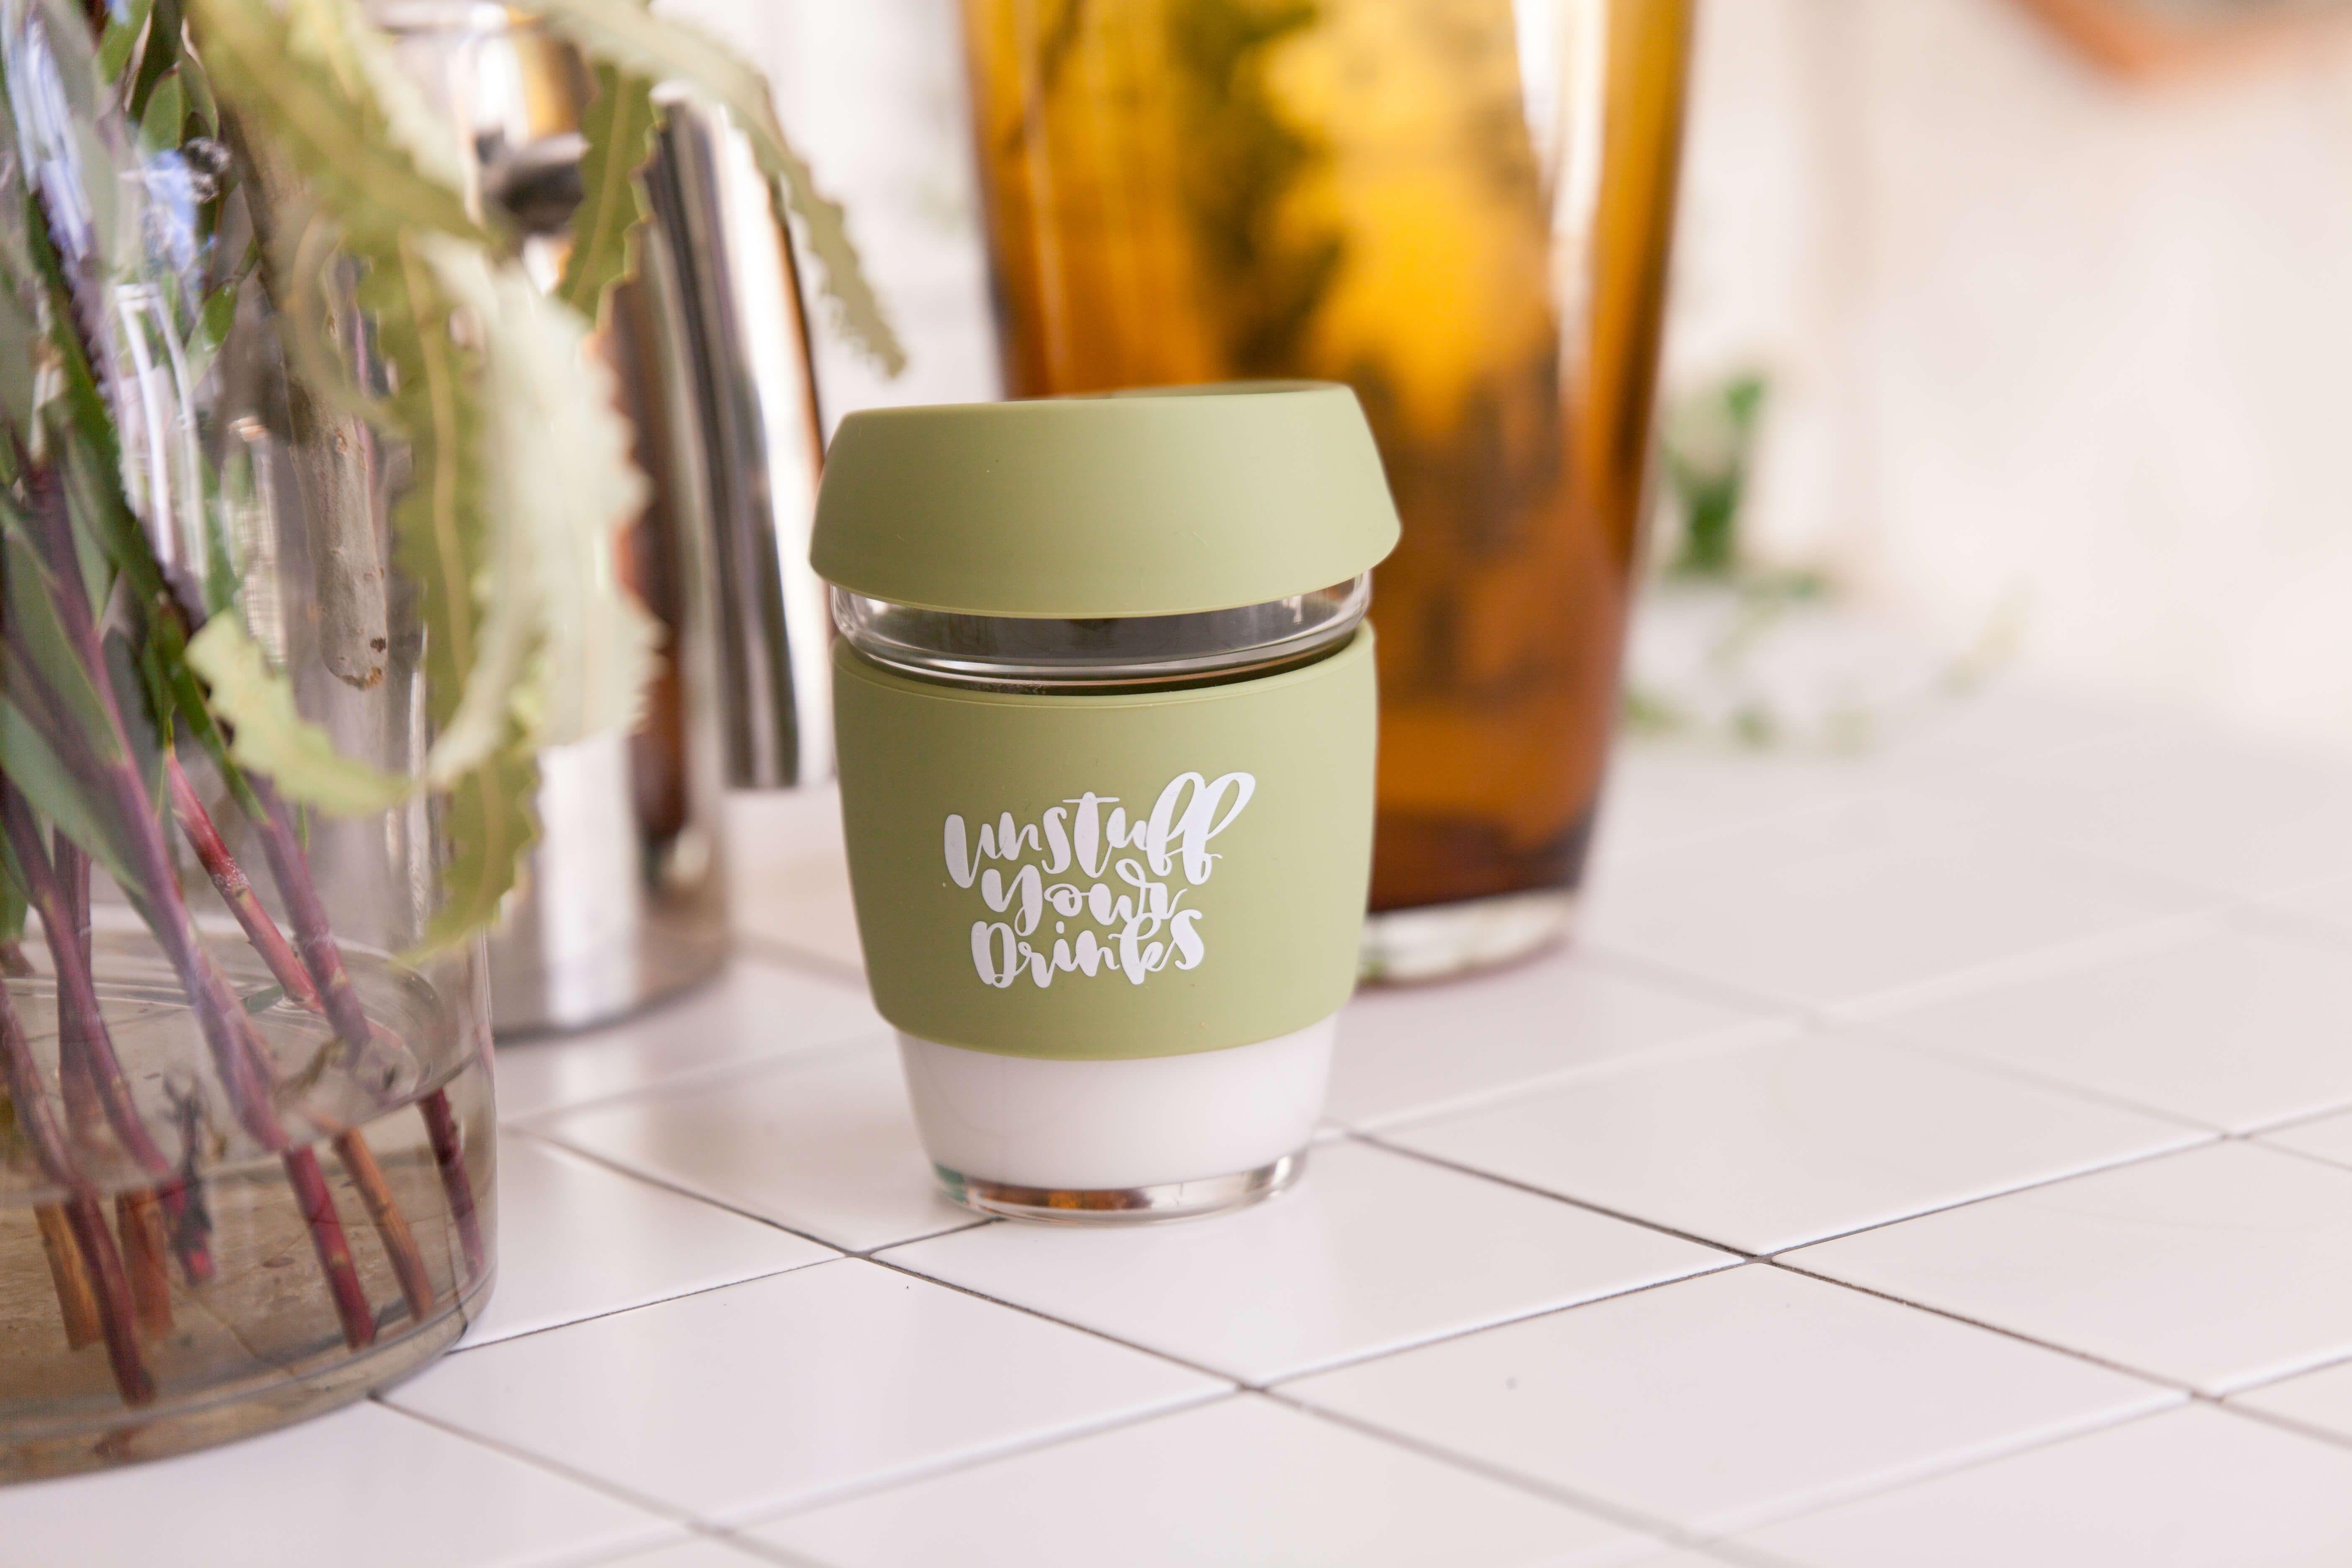 Reusable Cup Reusable cup, Hot chocolate